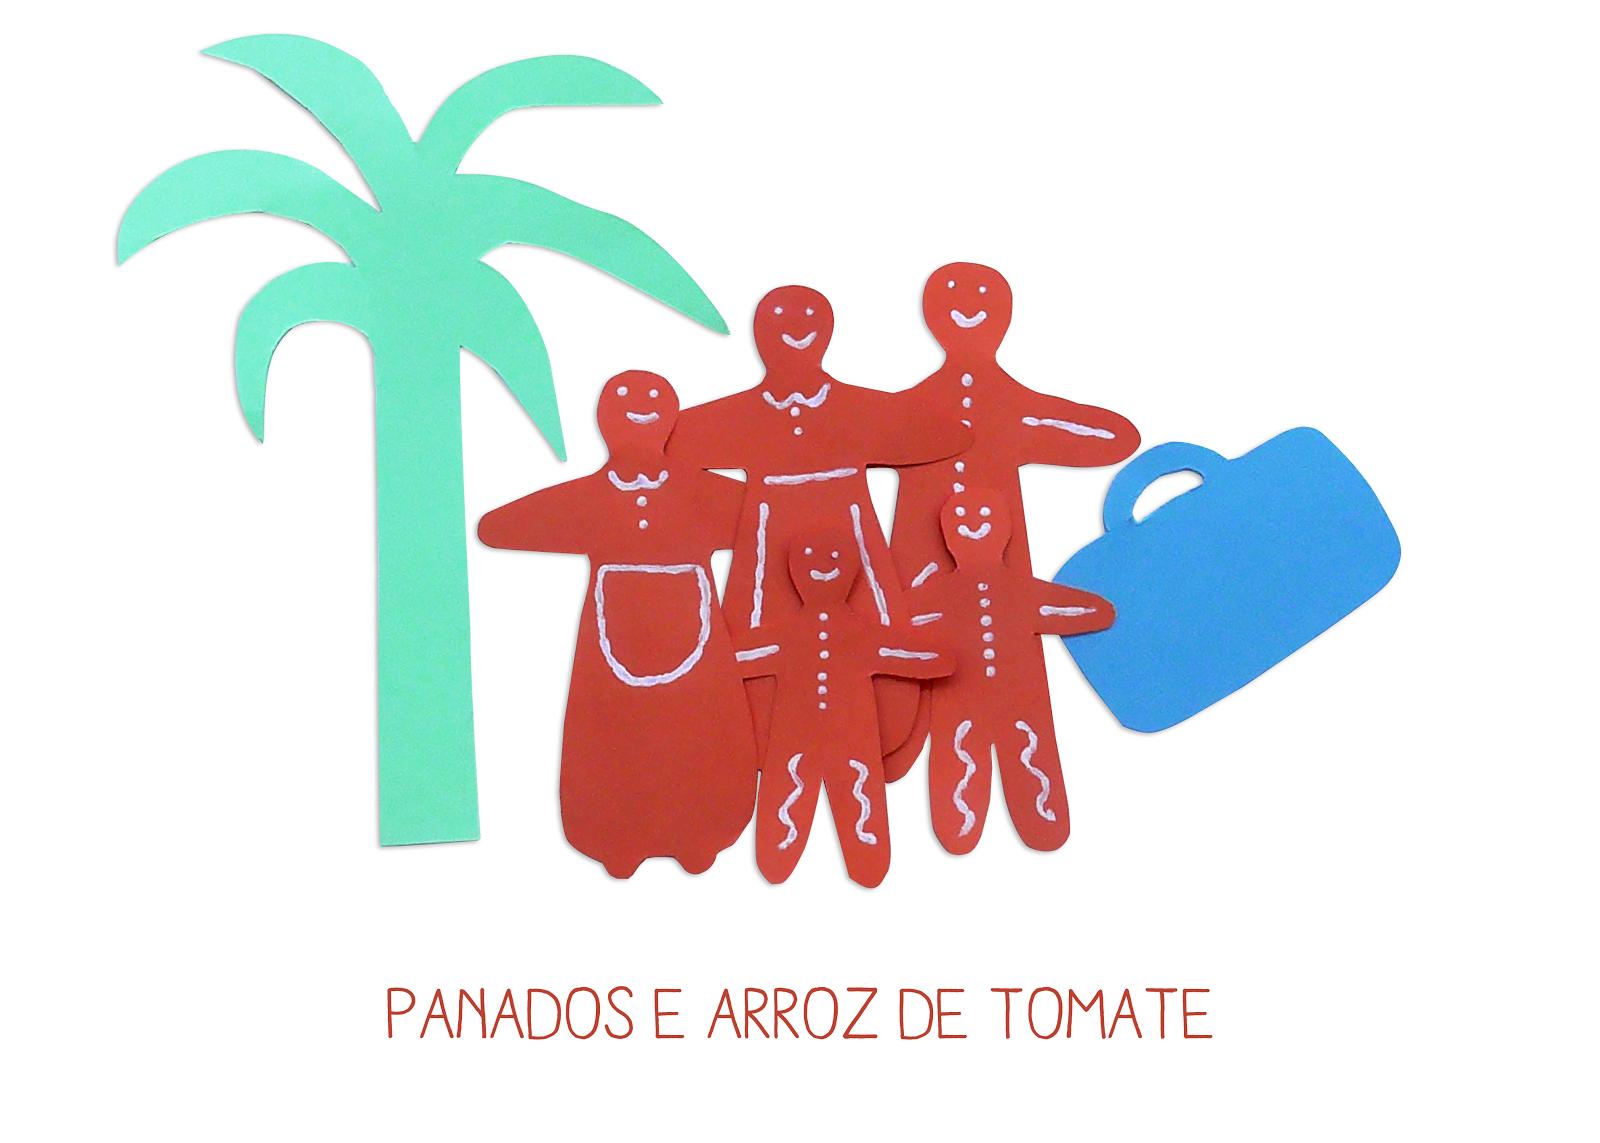 panados e arroz de tomate